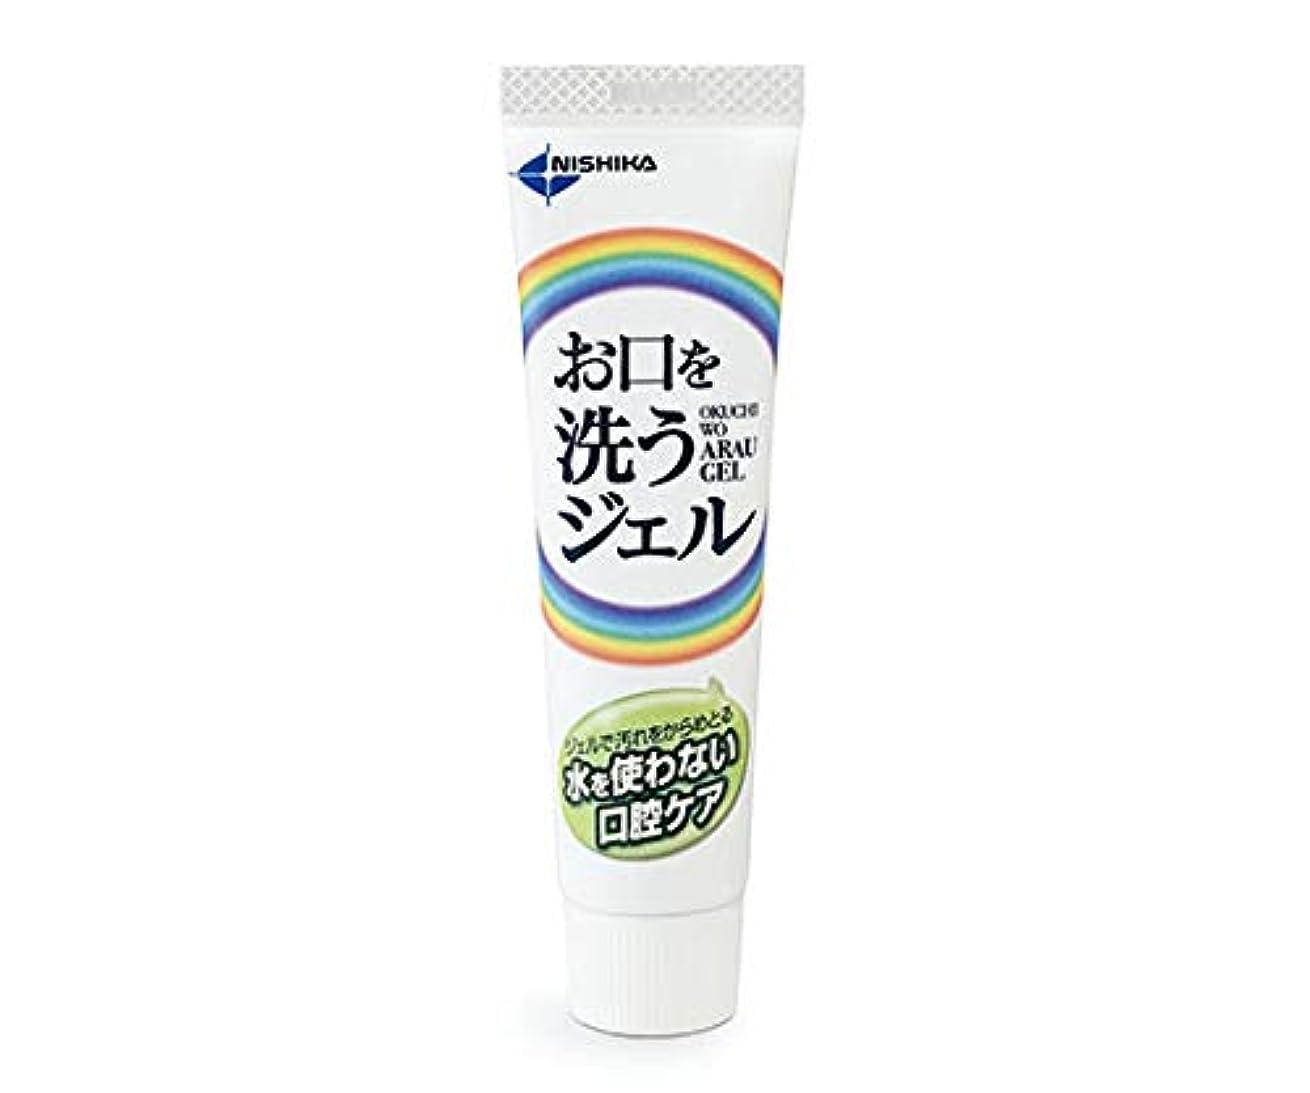 バリケード最も早い吸収日本歯科薬品 お口を洗うジェル(口腔ケア用ジェル) 25g